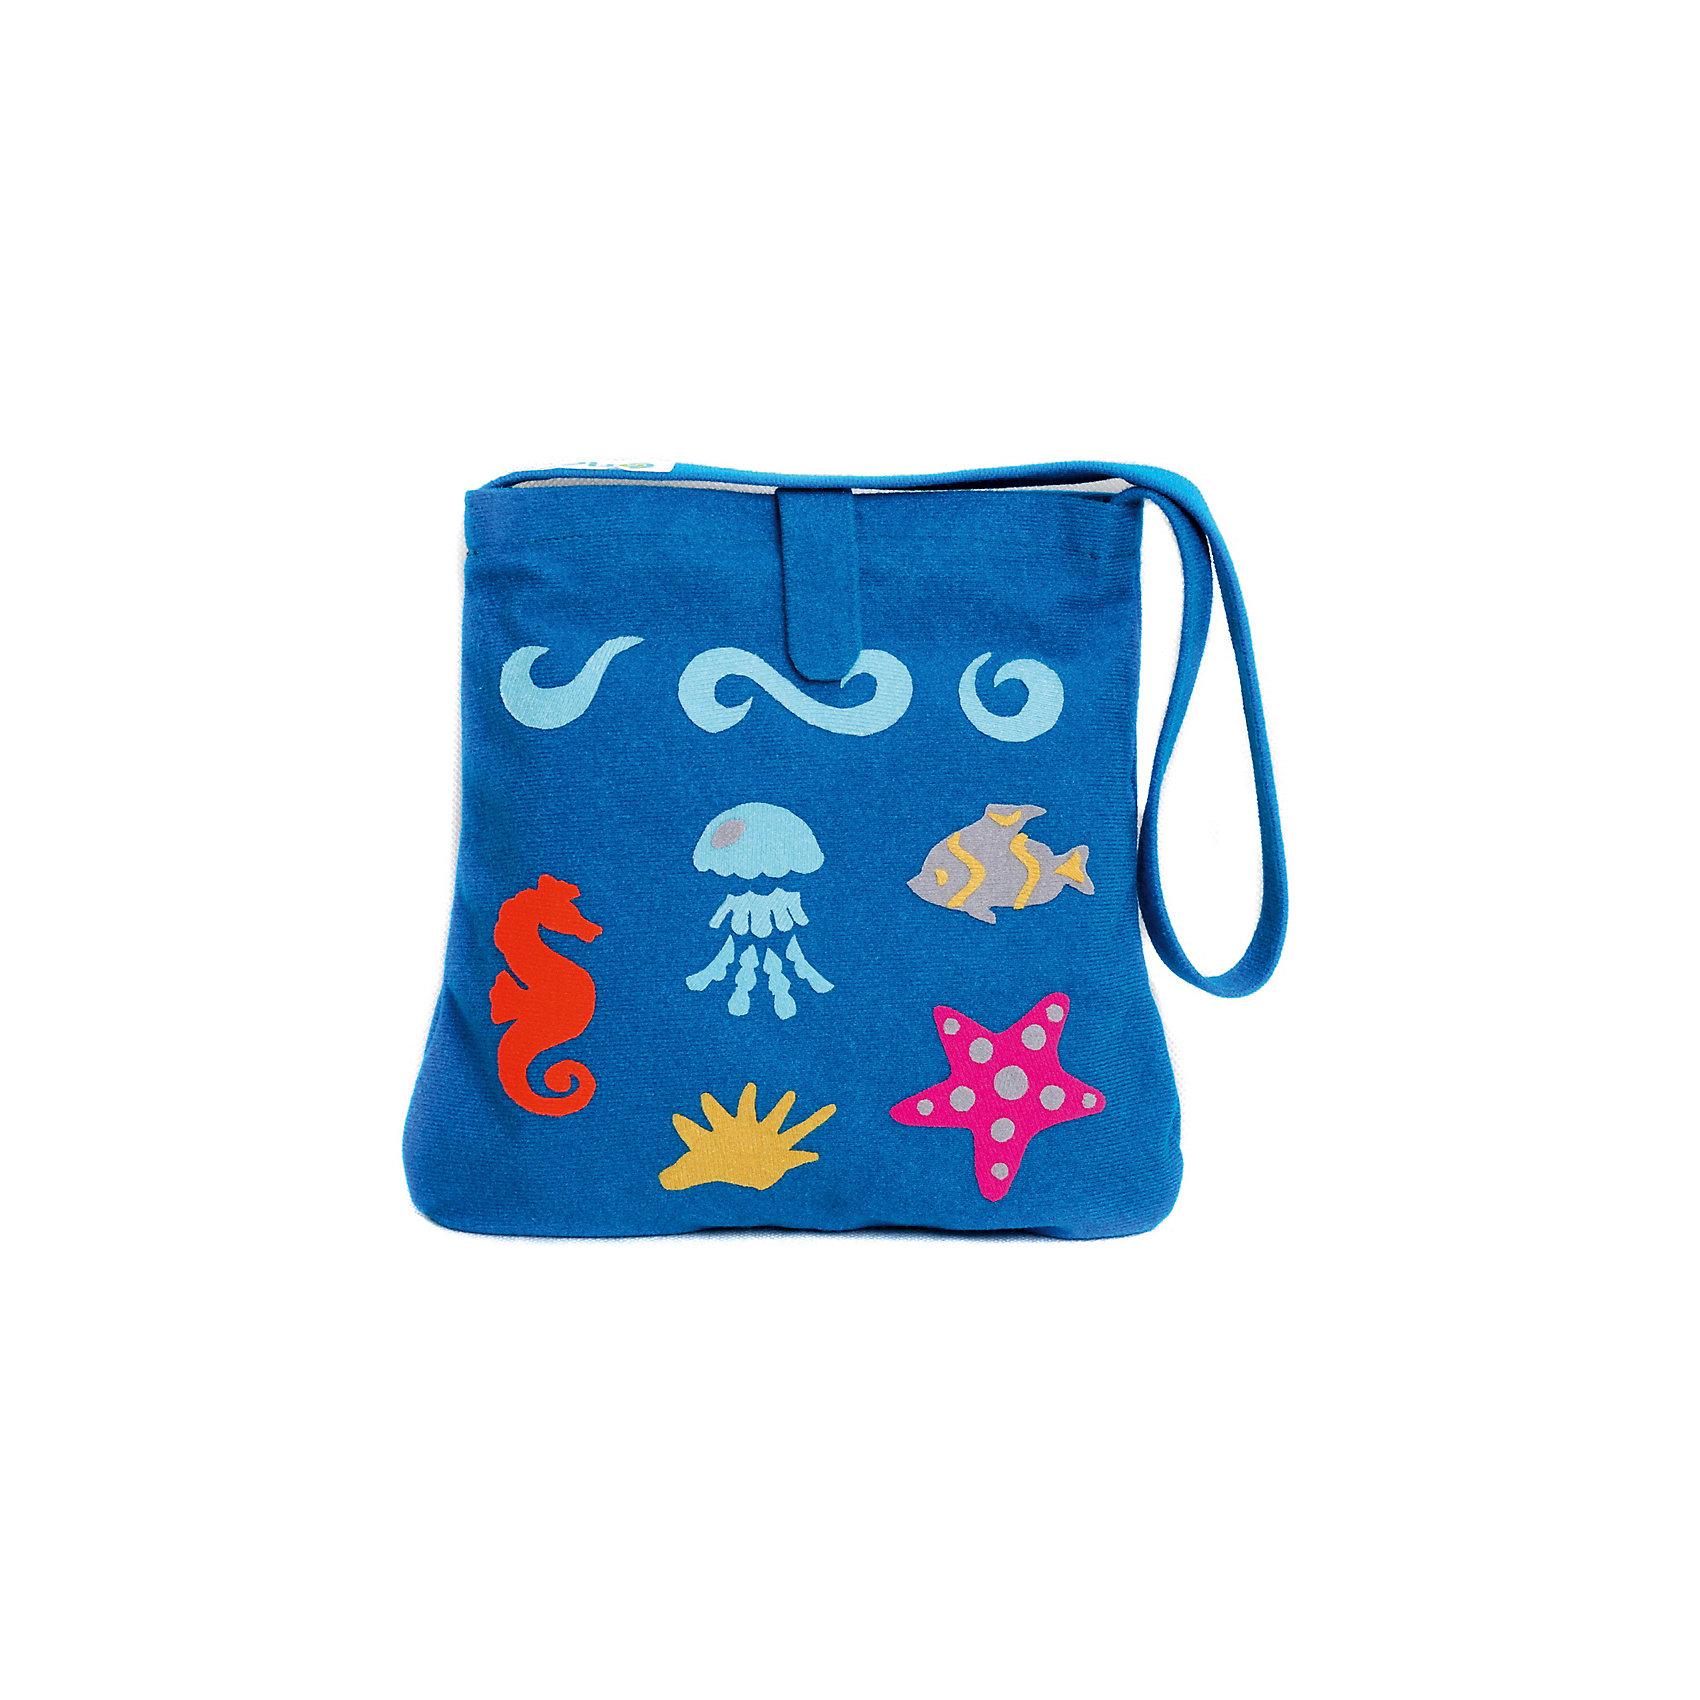 Стигис-аппликация Сумка детская, морскаяРукоделие<br>Если девочка давно мечтает о красивой сумке с оригинальной аппликацией, то ей обязательно понравится набор для стигис-аппликации на сумке. Ребенок сможет самостоятельно придумать дизайн и воссоздать его на сумочке при помощи ткани с термоклеевым слоем. Достаточно вырезать нужные элементы, выложить их на сумку и прогладить утюгом - красивая и практичная сумочка готова! В случае ошибки ткань можно снова прогладить утюгом, и она отклеится. Такой вид детского творчество хорошо развивает аккуратность, воображение и дизайнерские способности. Отличный подарок для юных рукодельниц!<br><br>Дополнительная информация: <br>В комплекте: сумка, кусочки stigis-ткани, выкройки, инструкция<br>Цвет: синий<br>Размер: 3,5х27х20 см<br>Вес: 110 грамм<br>Набор для стигис-аппликации можно купить в нашем интернет-магазине.<br><br>Ширина мм: 200<br>Глубина мм: 270<br>Высота мм: 35<br>Вес г: 110<br>Возраст от месяцев: 60<br>Возраст до месяцев: 120<br>Пол: Унисекс<br>Возраст: Детский<br>SKU: 4939424